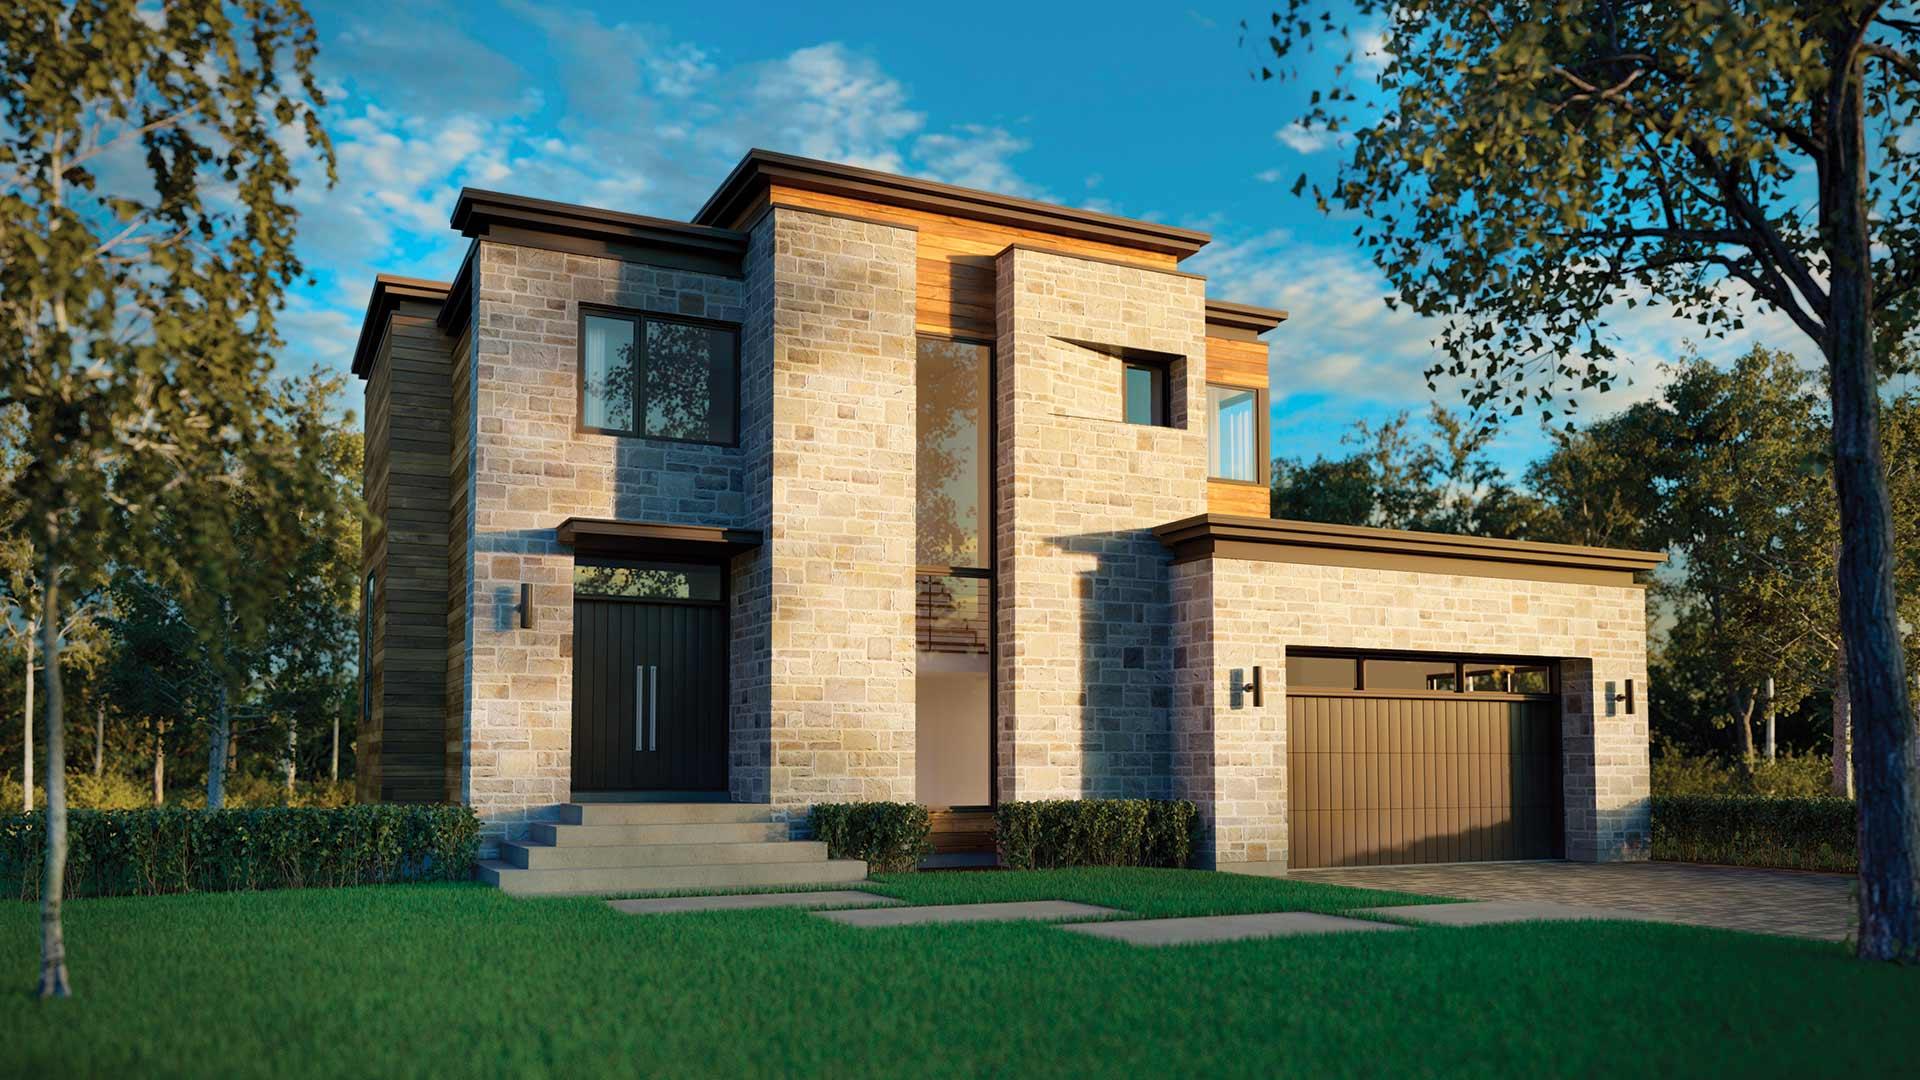 Cottage a gauche constructeur de maison neuve cim signature for Constructeur de maison neuve